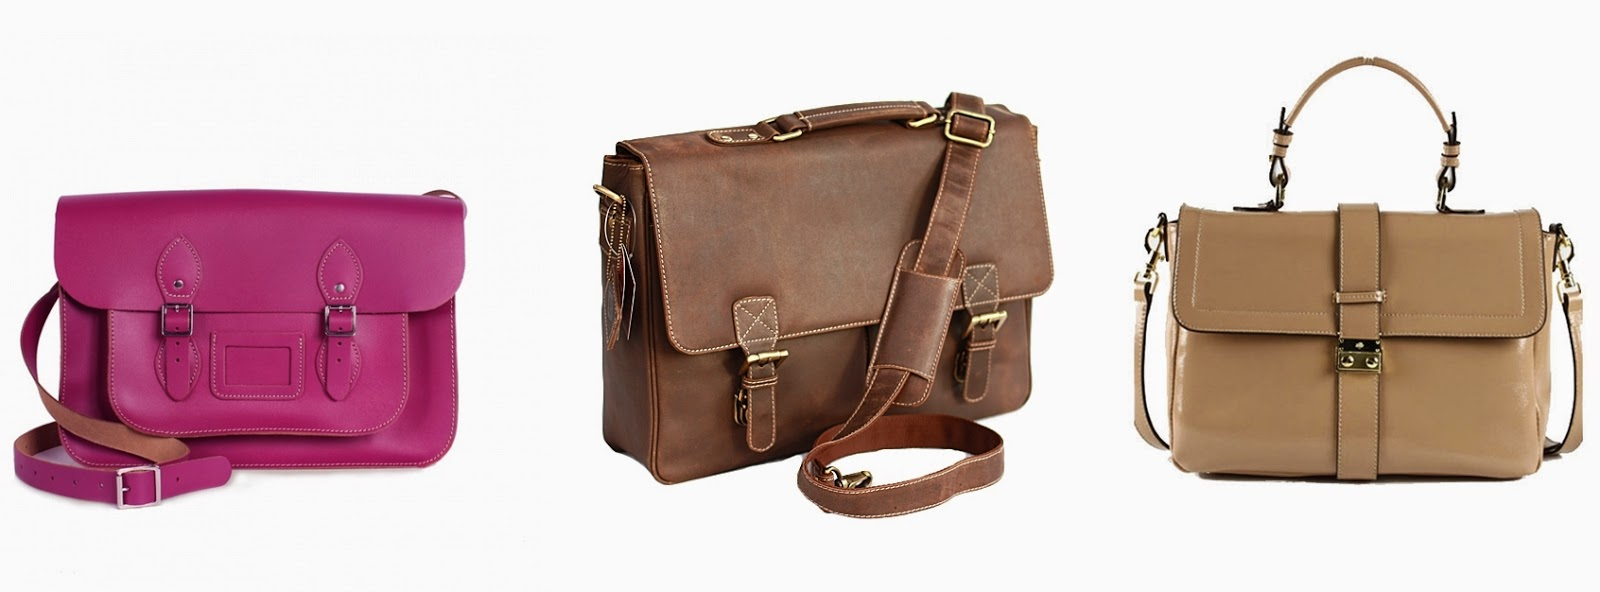 tas-wanita-satchel-bag